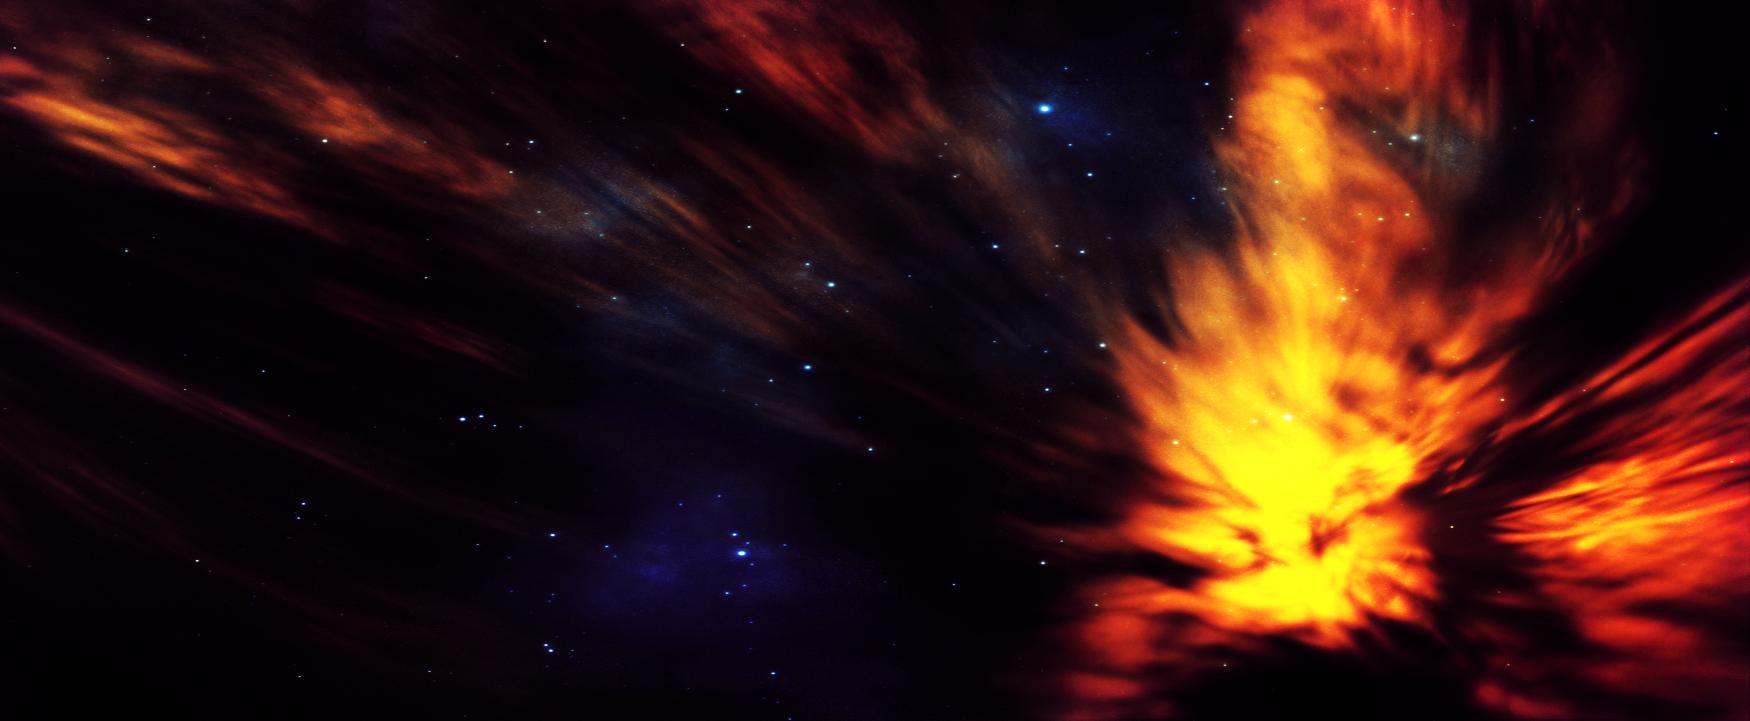 Fiery moment by KPEKEP